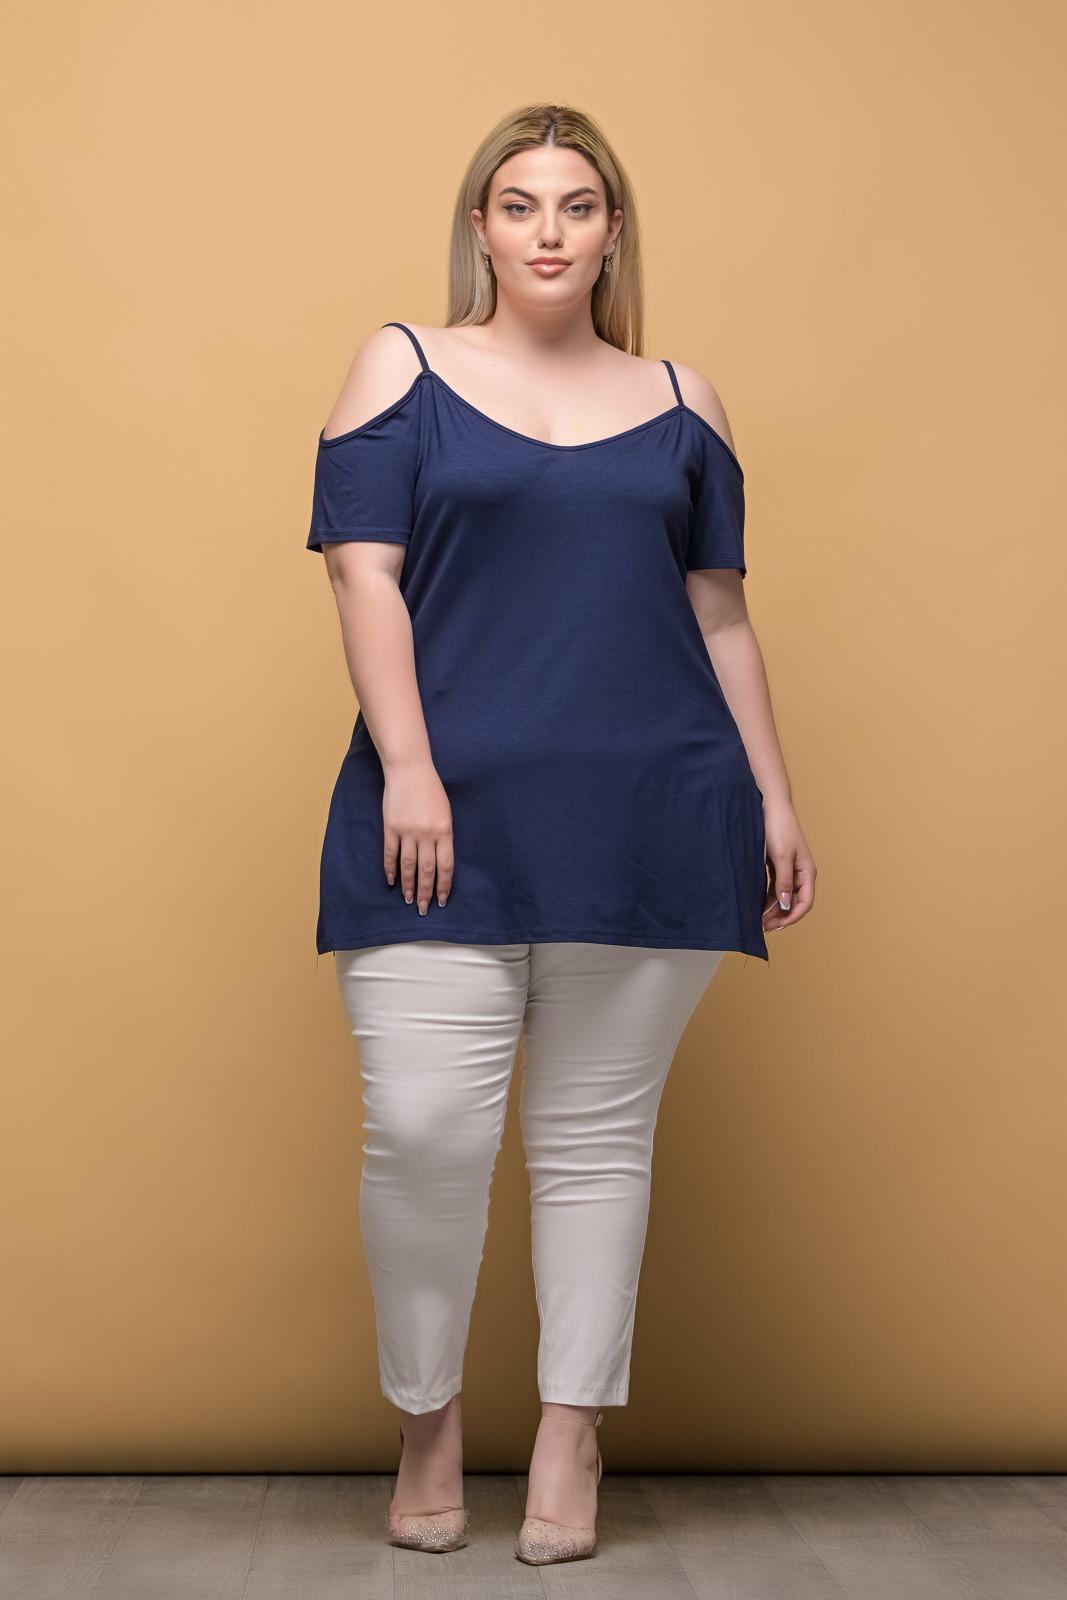 Μπλούζα μπλε με τιράντες και άνοιγμα στο πλάι